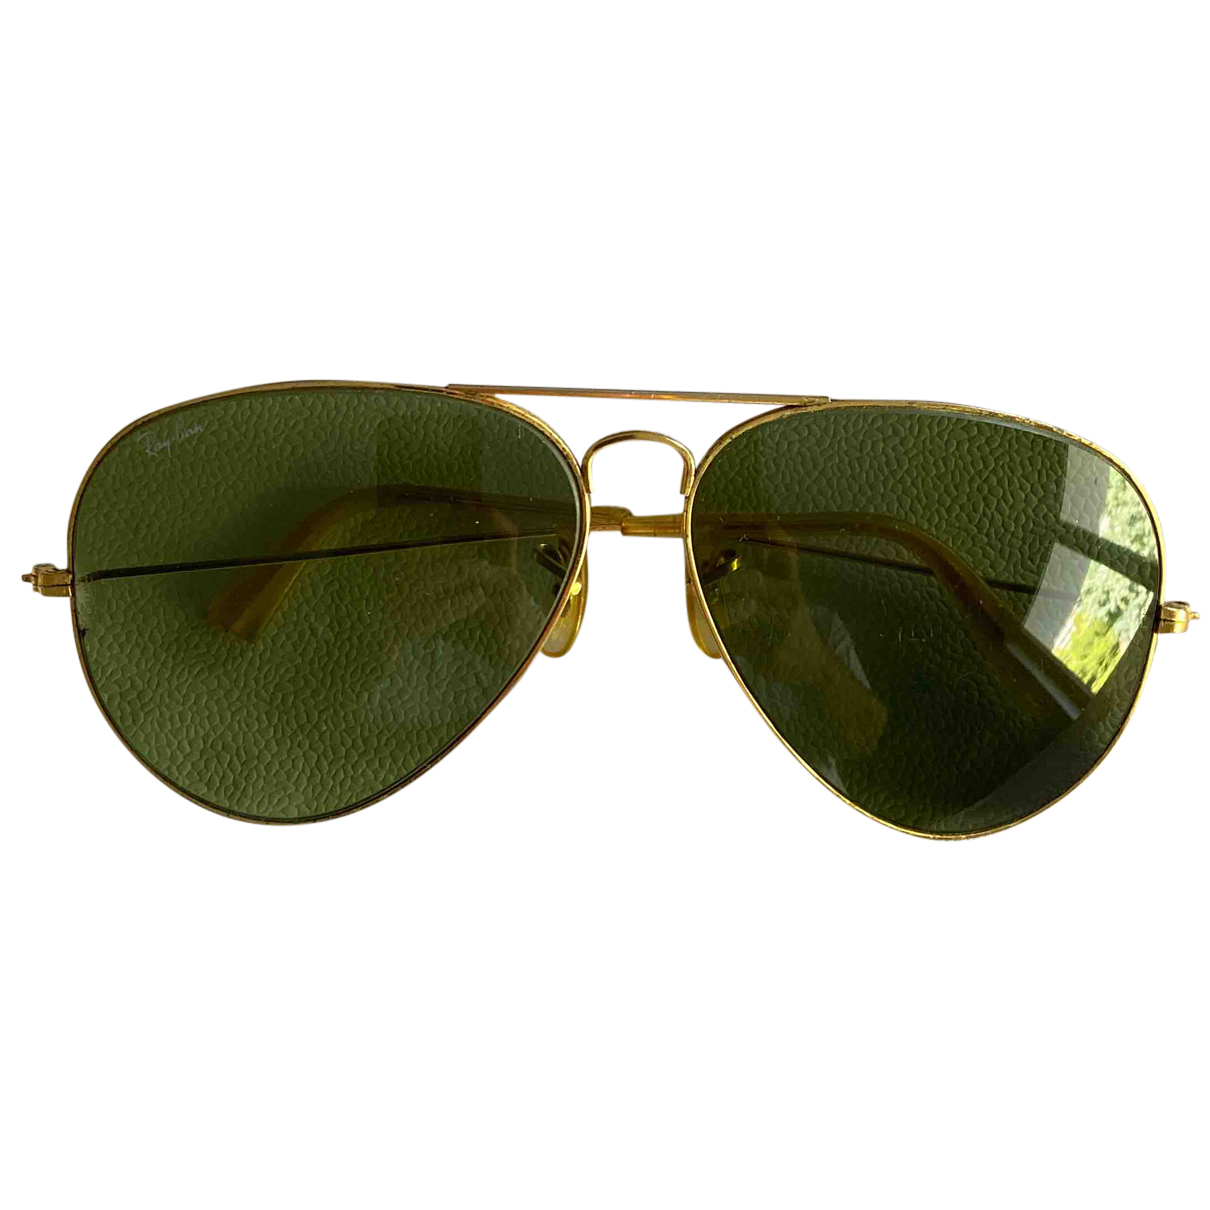 Ray-ban Aviator Gold Metal Sunglasses for Men N